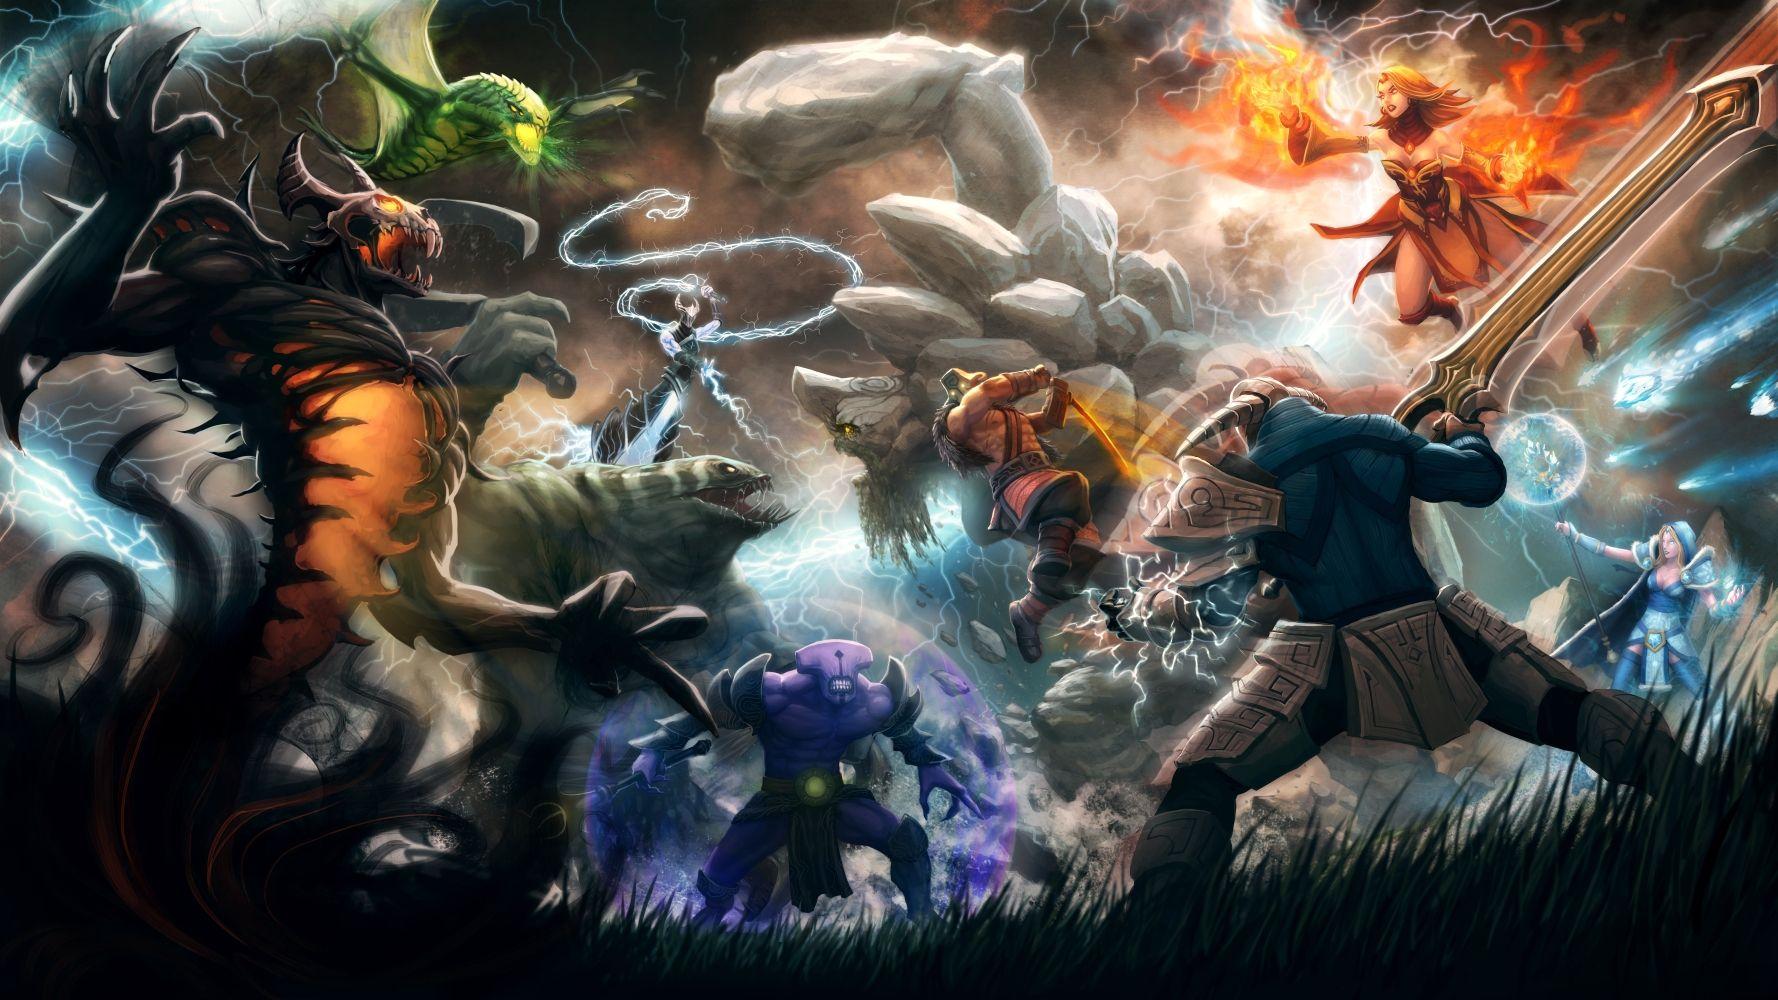 dota 2 combat - Liệu Void Spirit và Snapfire đã sẵn sàng để có mặt tại đấu trường chuyên nghiệp?